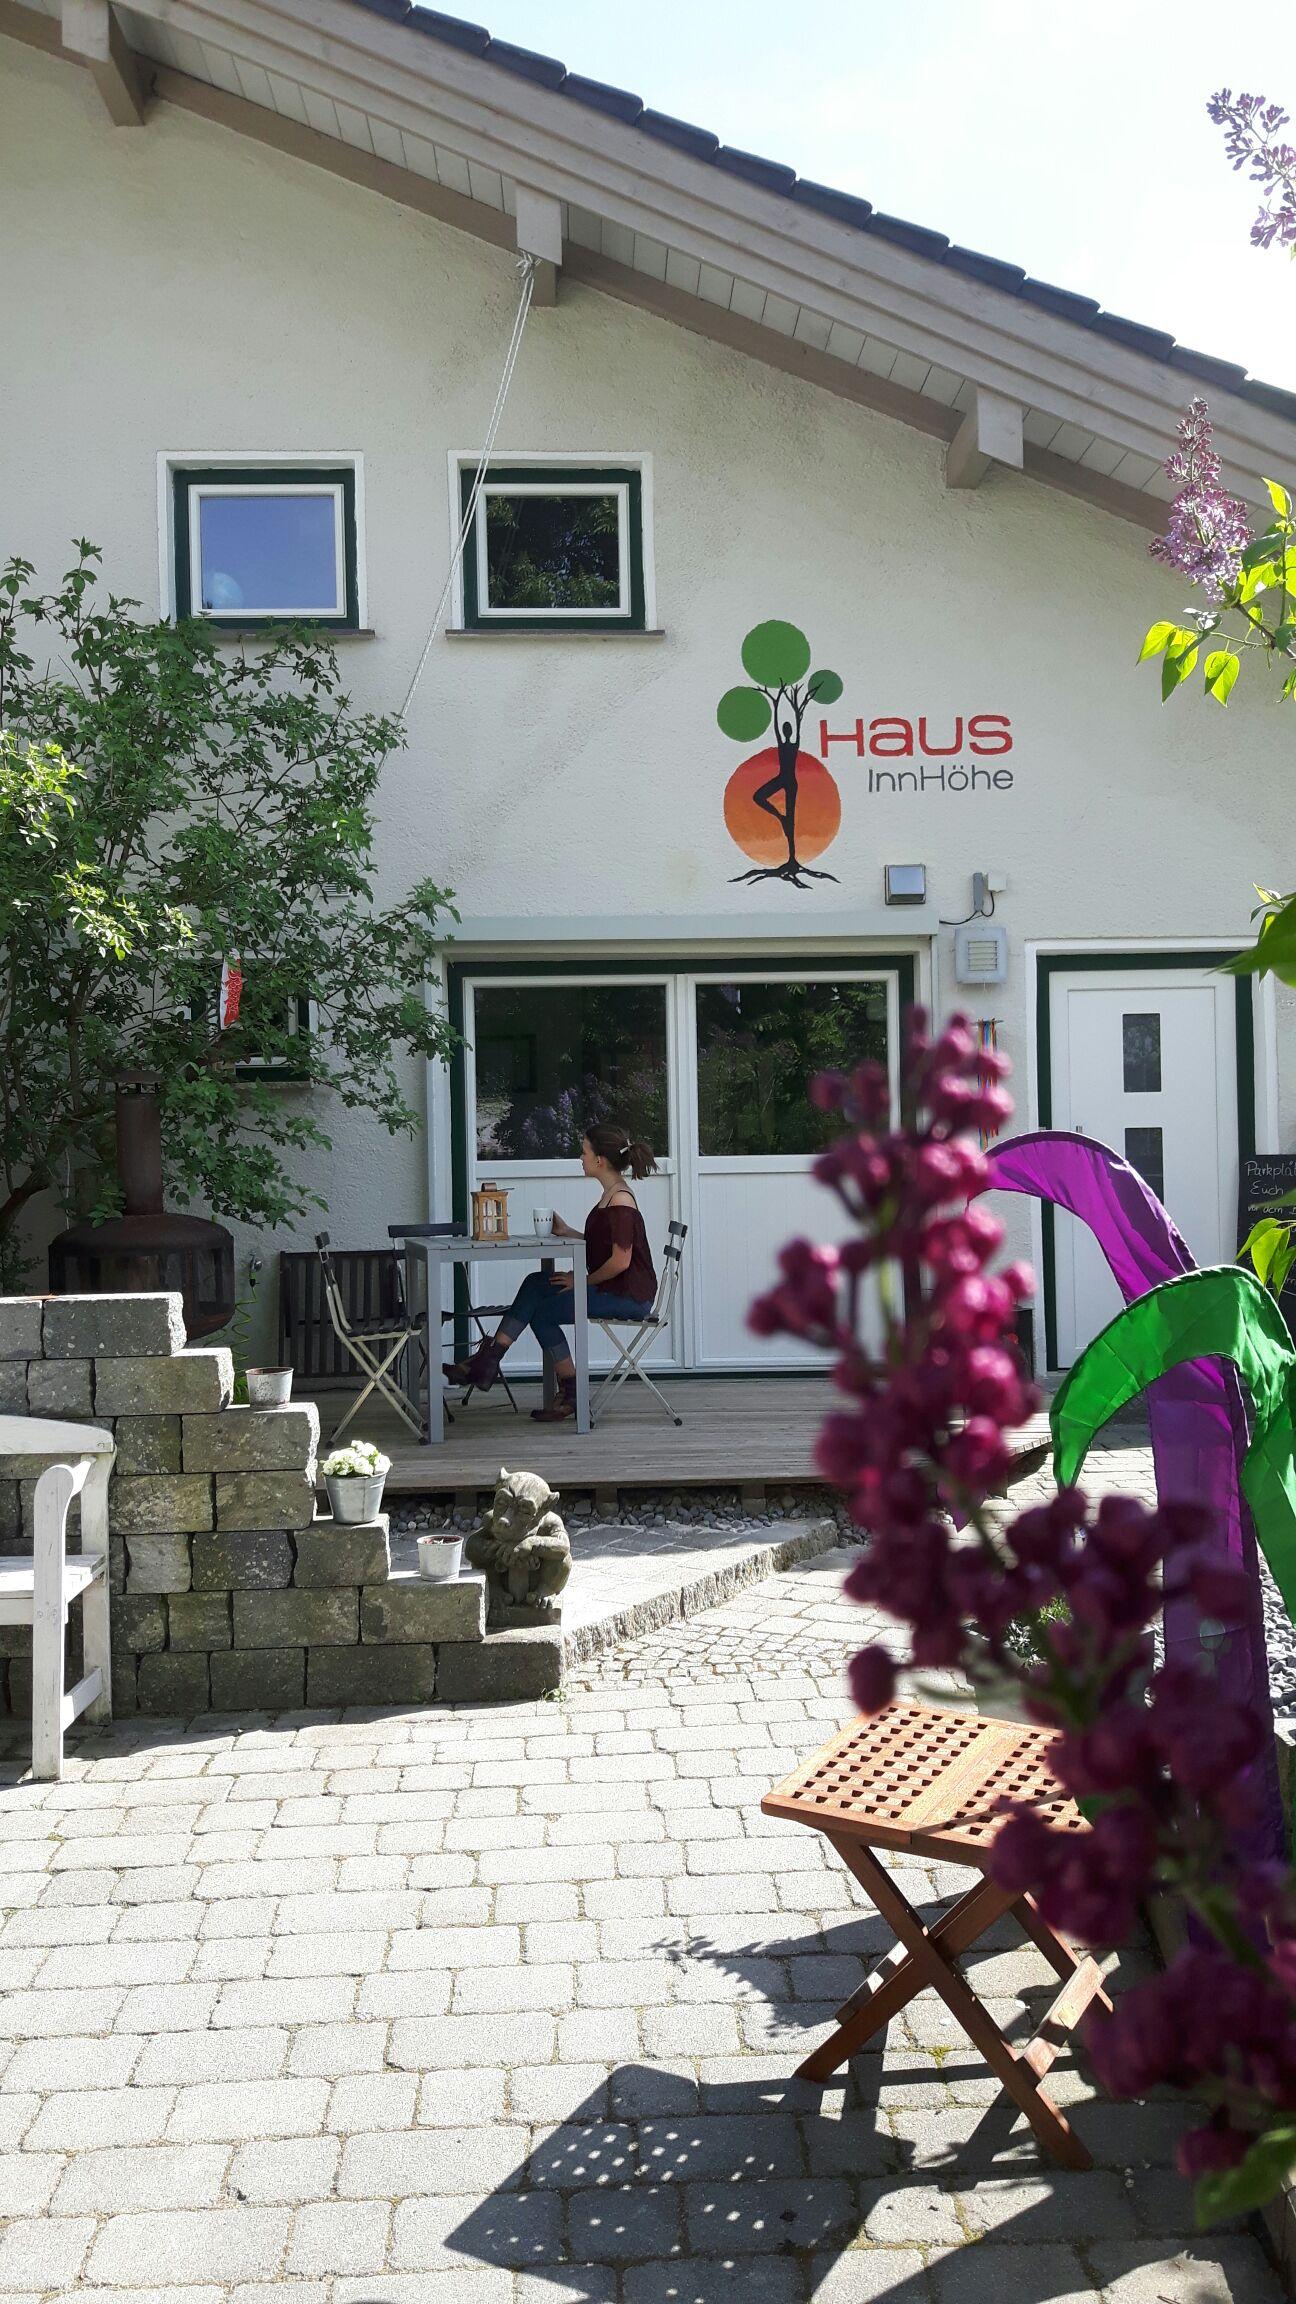 Wasserburg Am Inn Germania doppelzimmer im haus innhöhe - appartamenti in affitto a